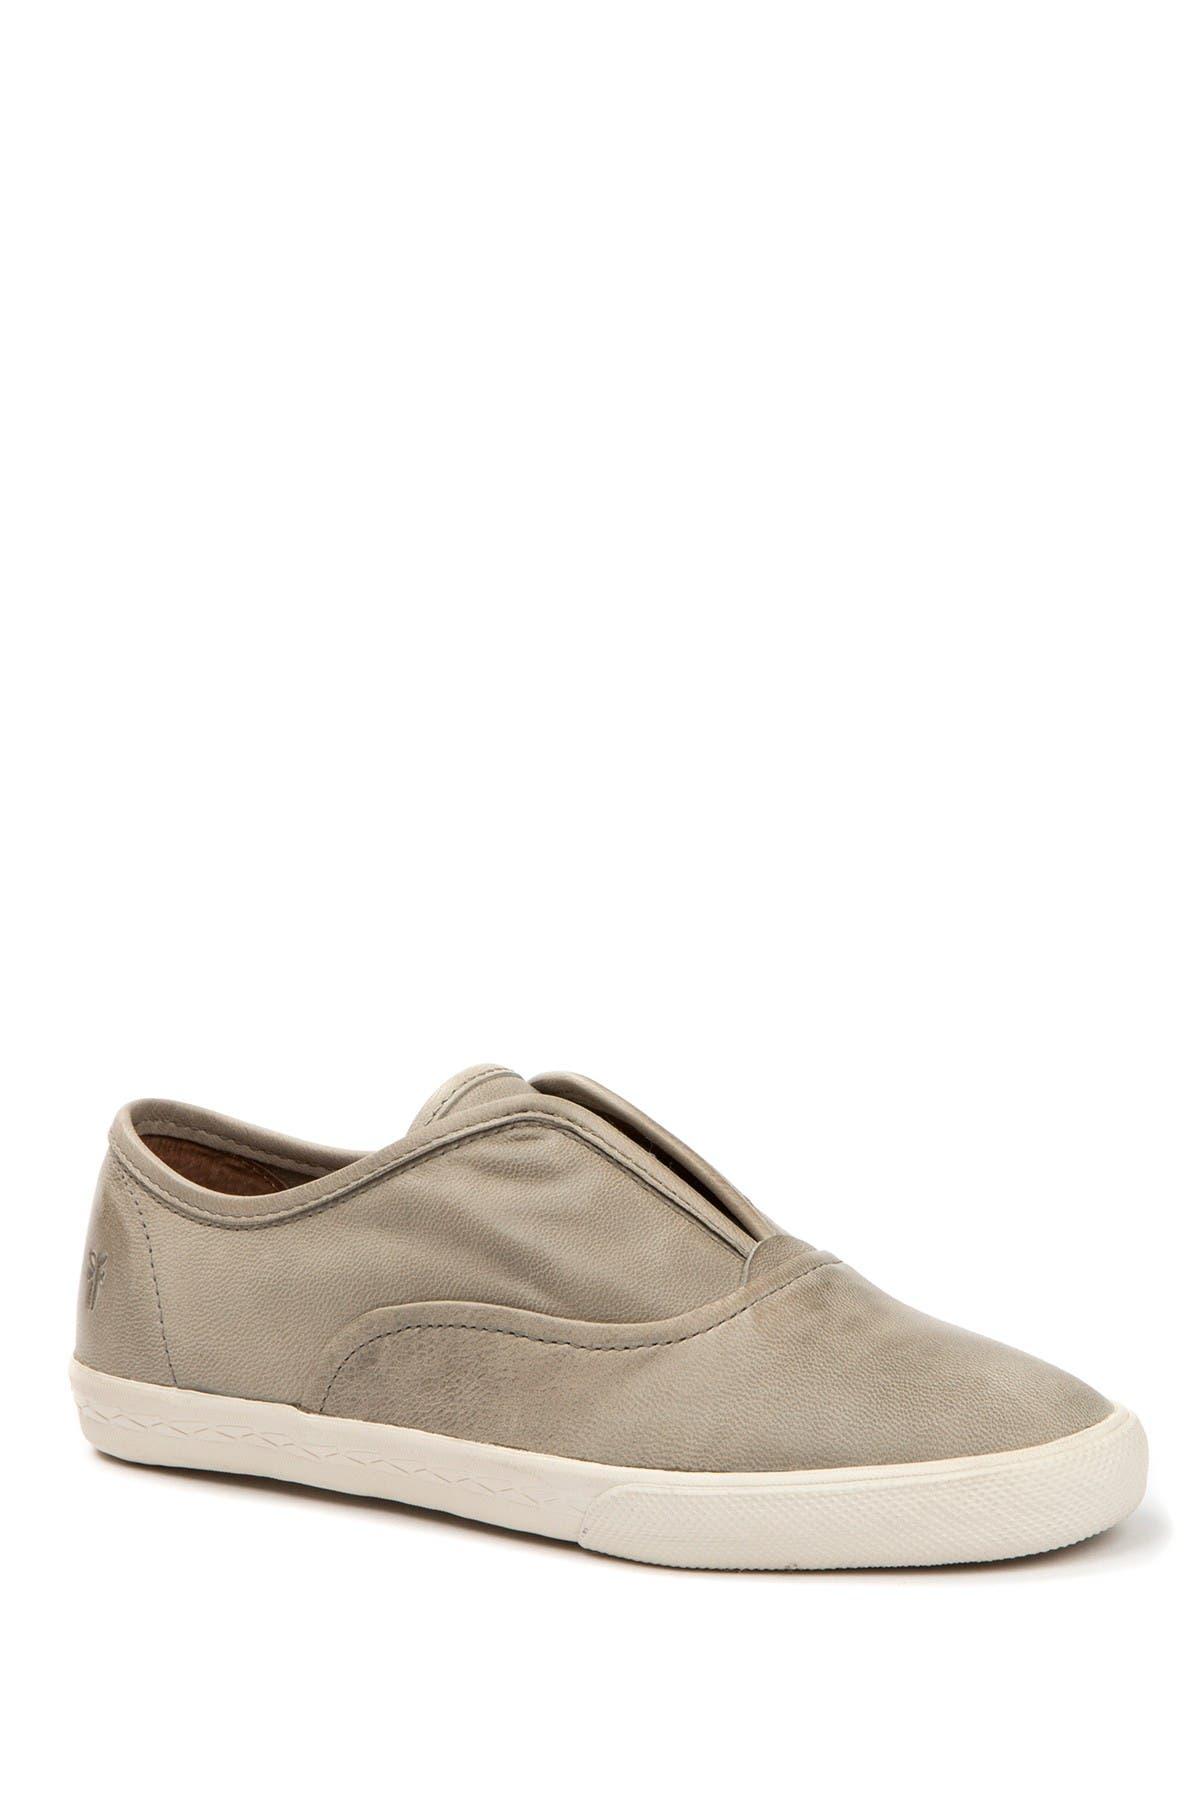 Frye | Mindy Slip-On Leather Sneaker